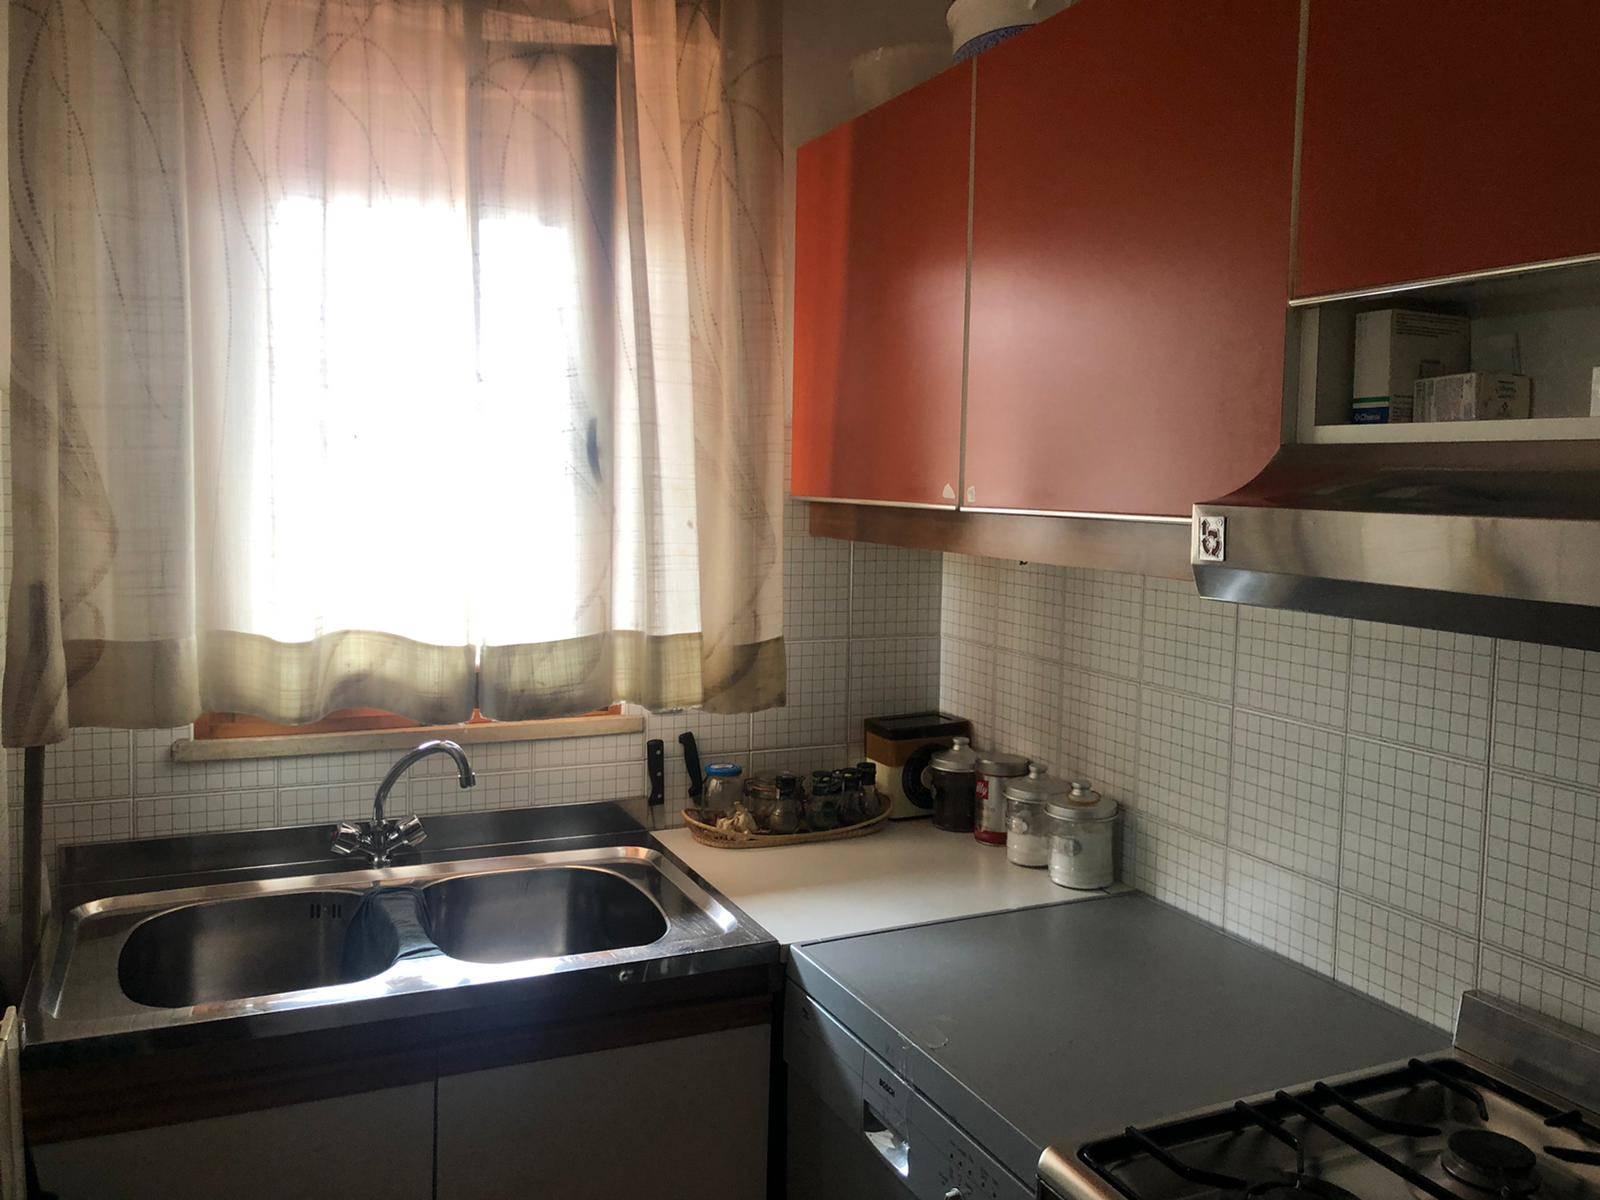 BORGO A BUGGIANO, BUGGIANO, Appartamento in vendita di 65 Mq, Abitabile, Riscaldamento Autonomo, Classe energetica: G, Epi: 175 kwh/m2 anno, posto al